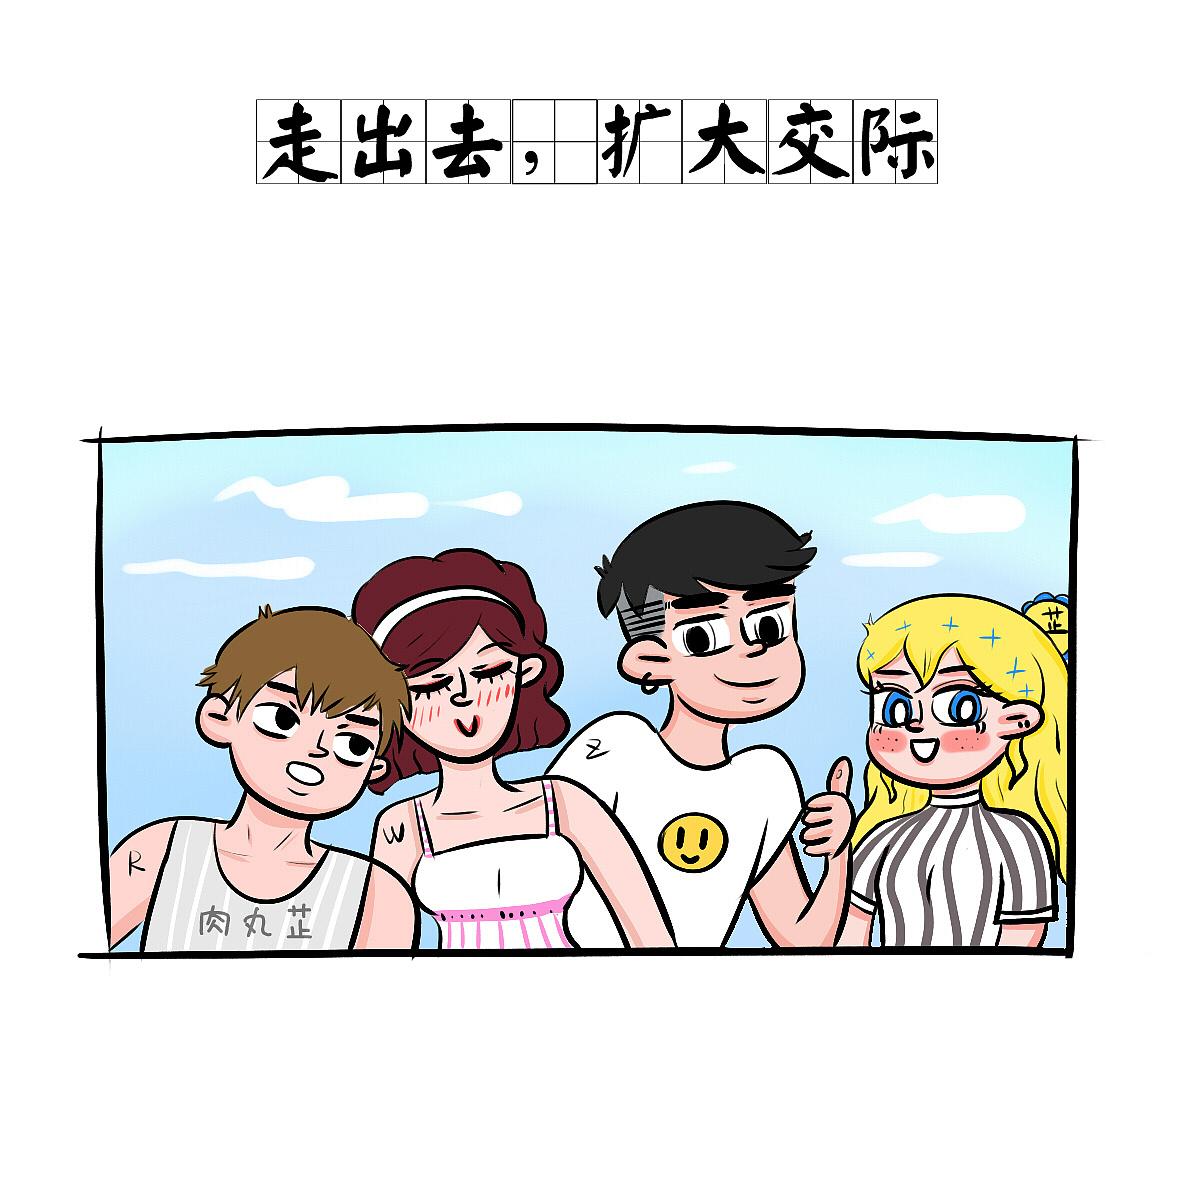 卡通情人节寻找另一半【AI素材】-包图网